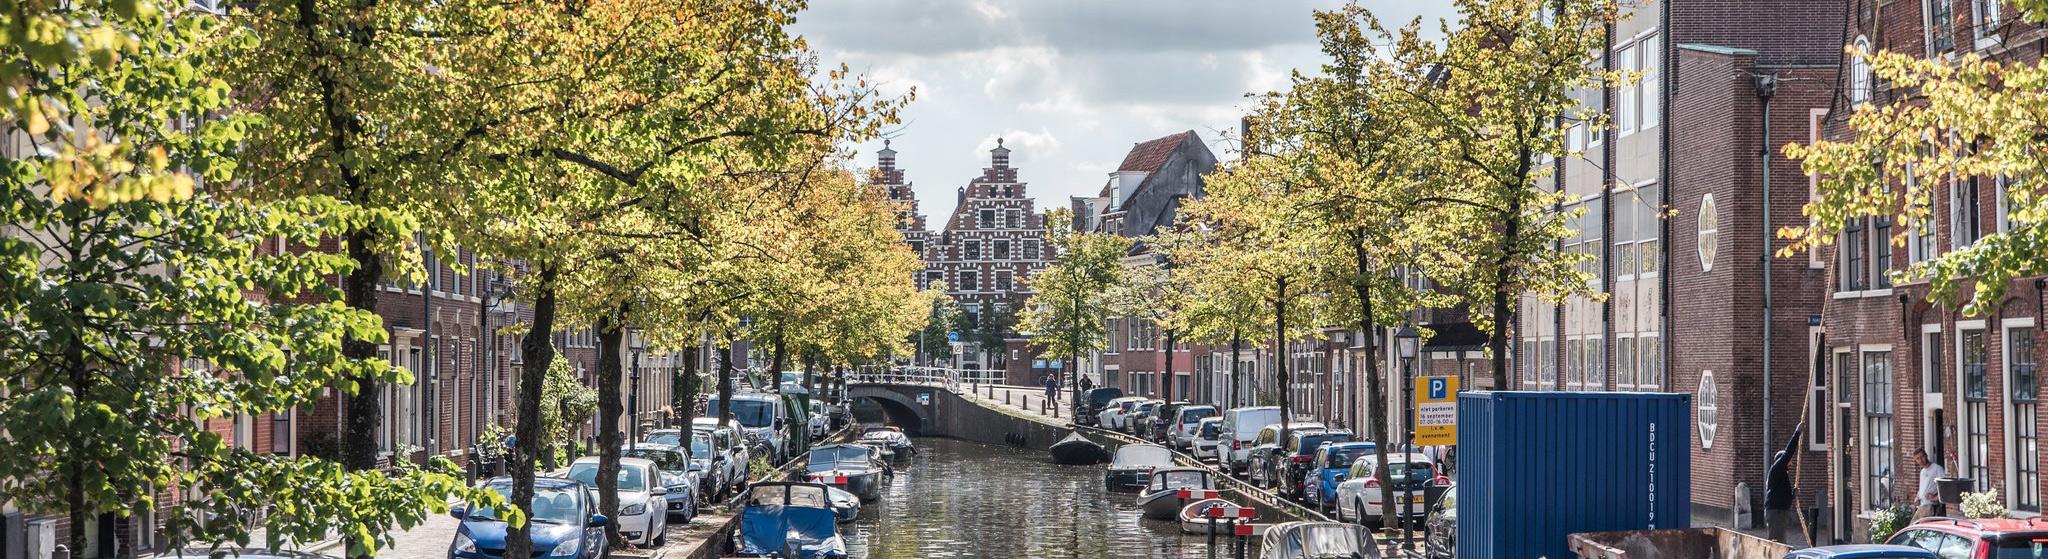 Bakenes-Haarlem-Buurtinformatie-Header